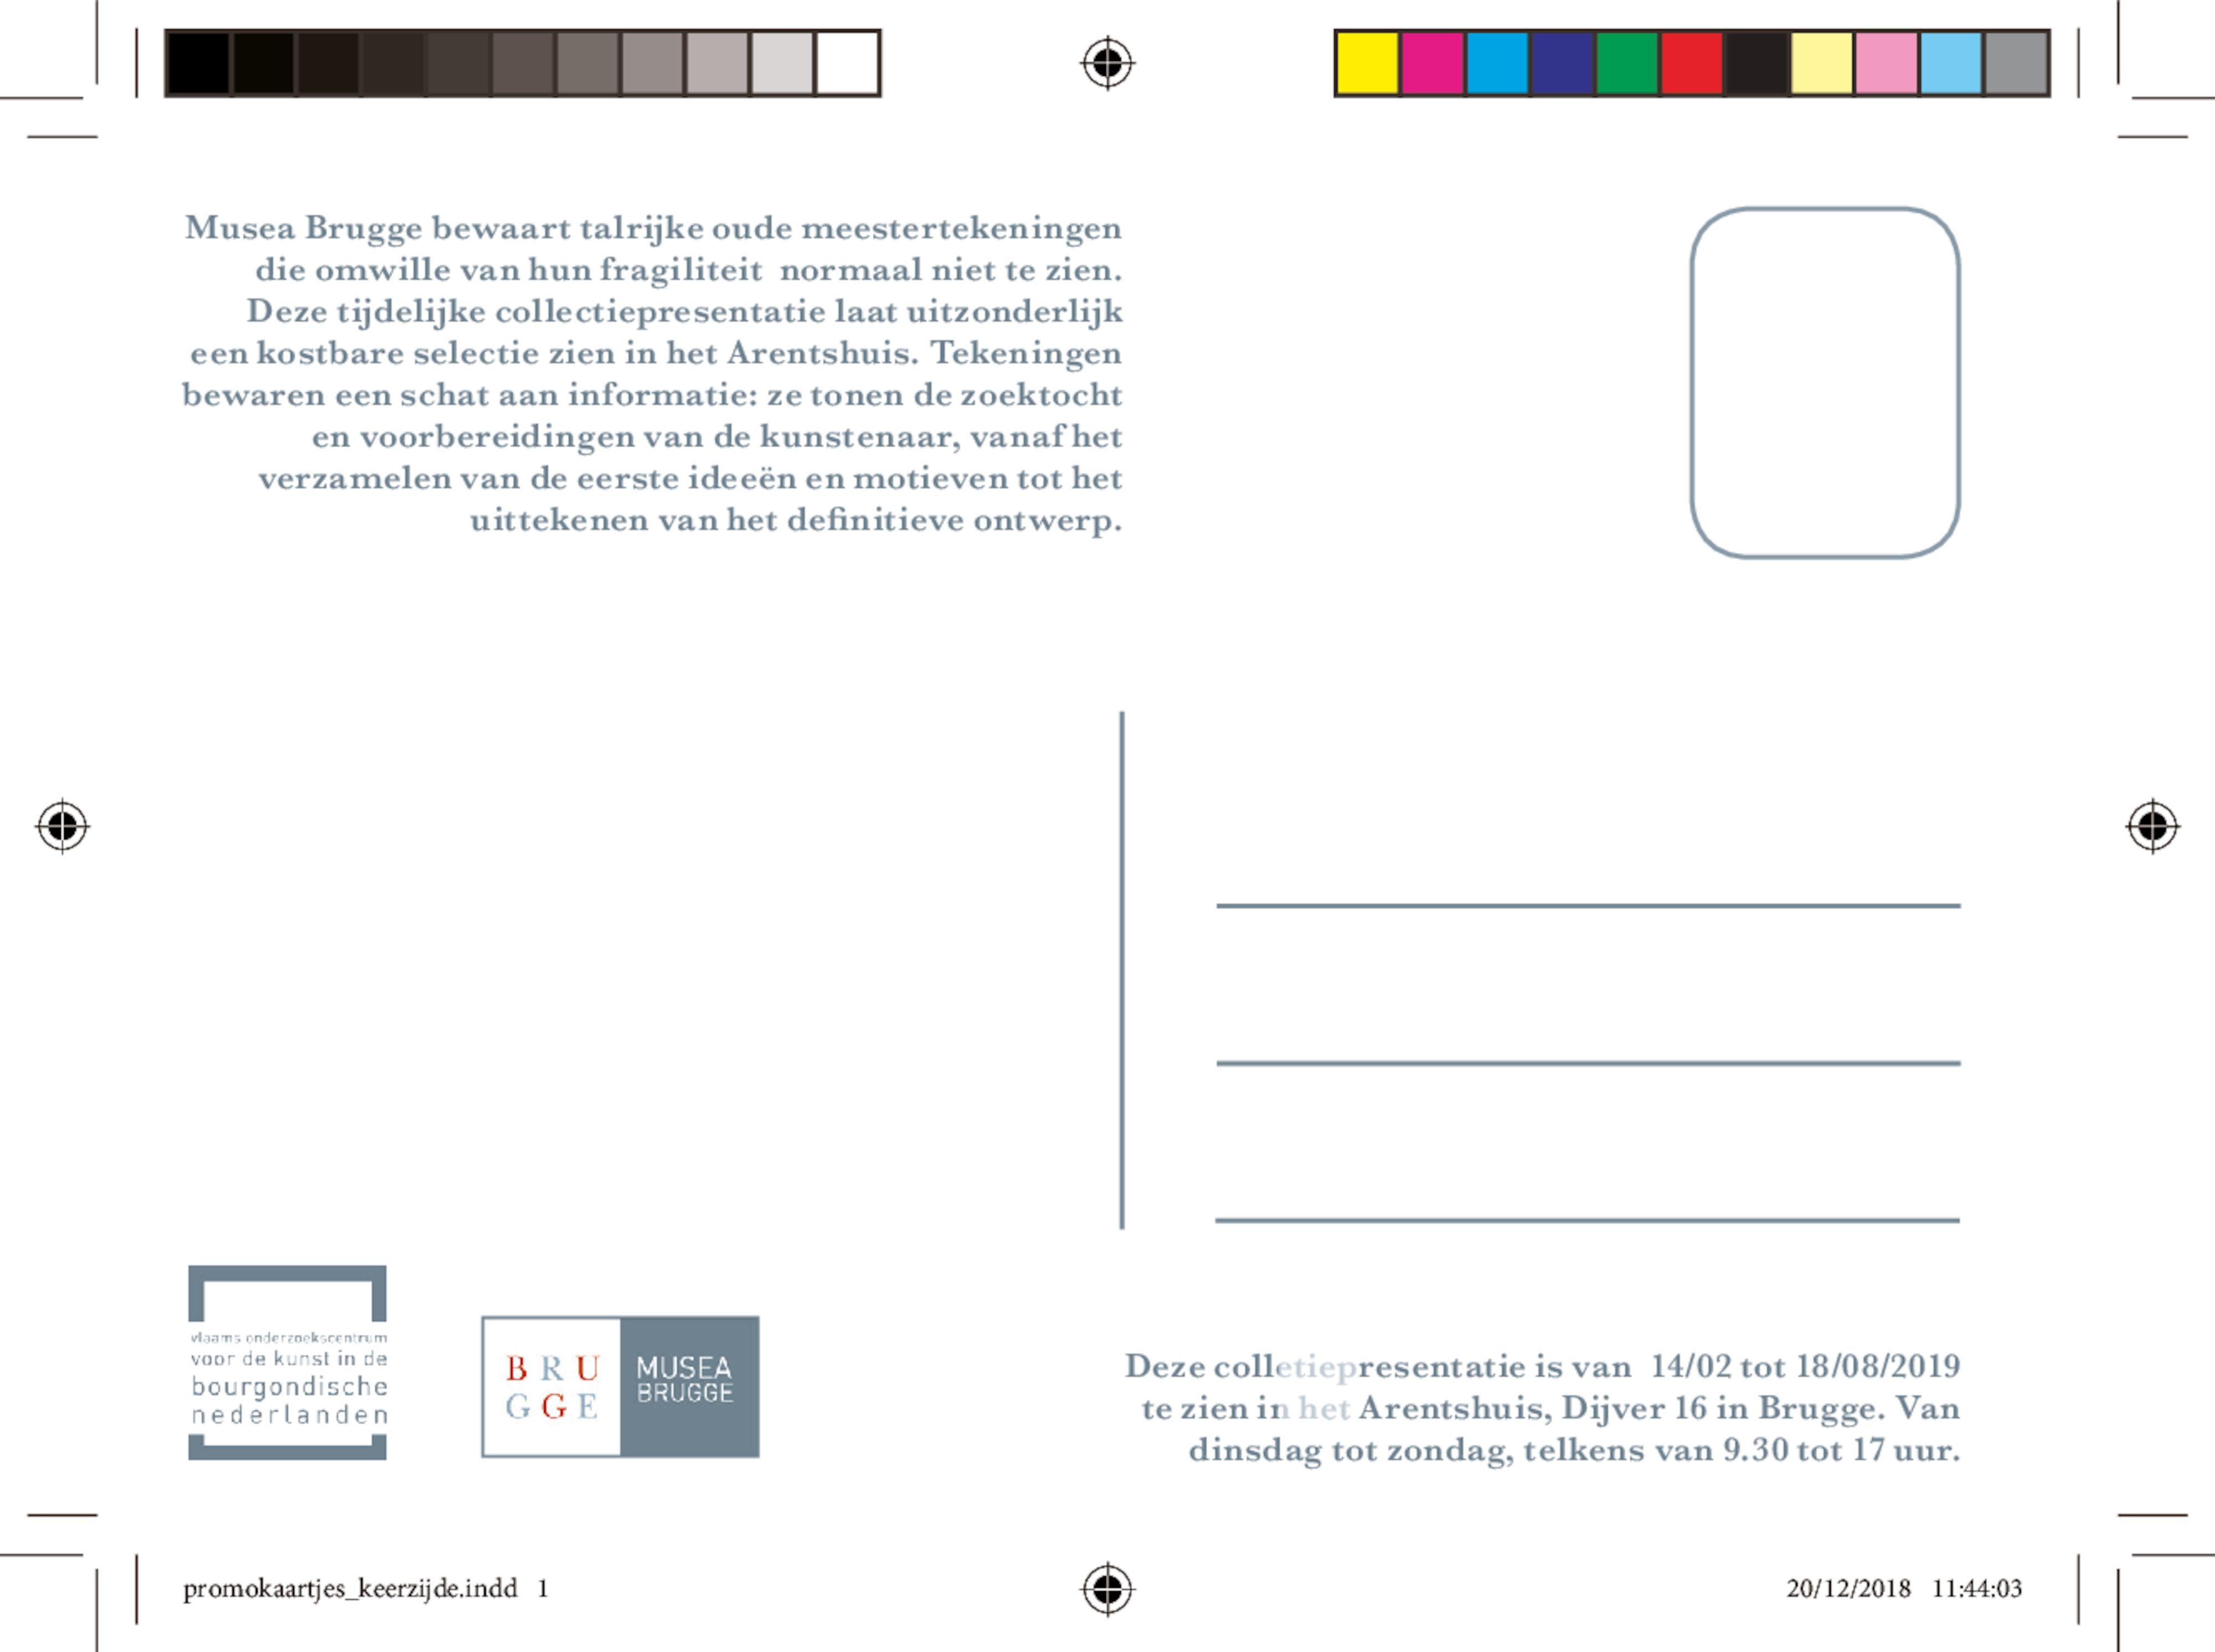 promokaartjes_verso.pdf